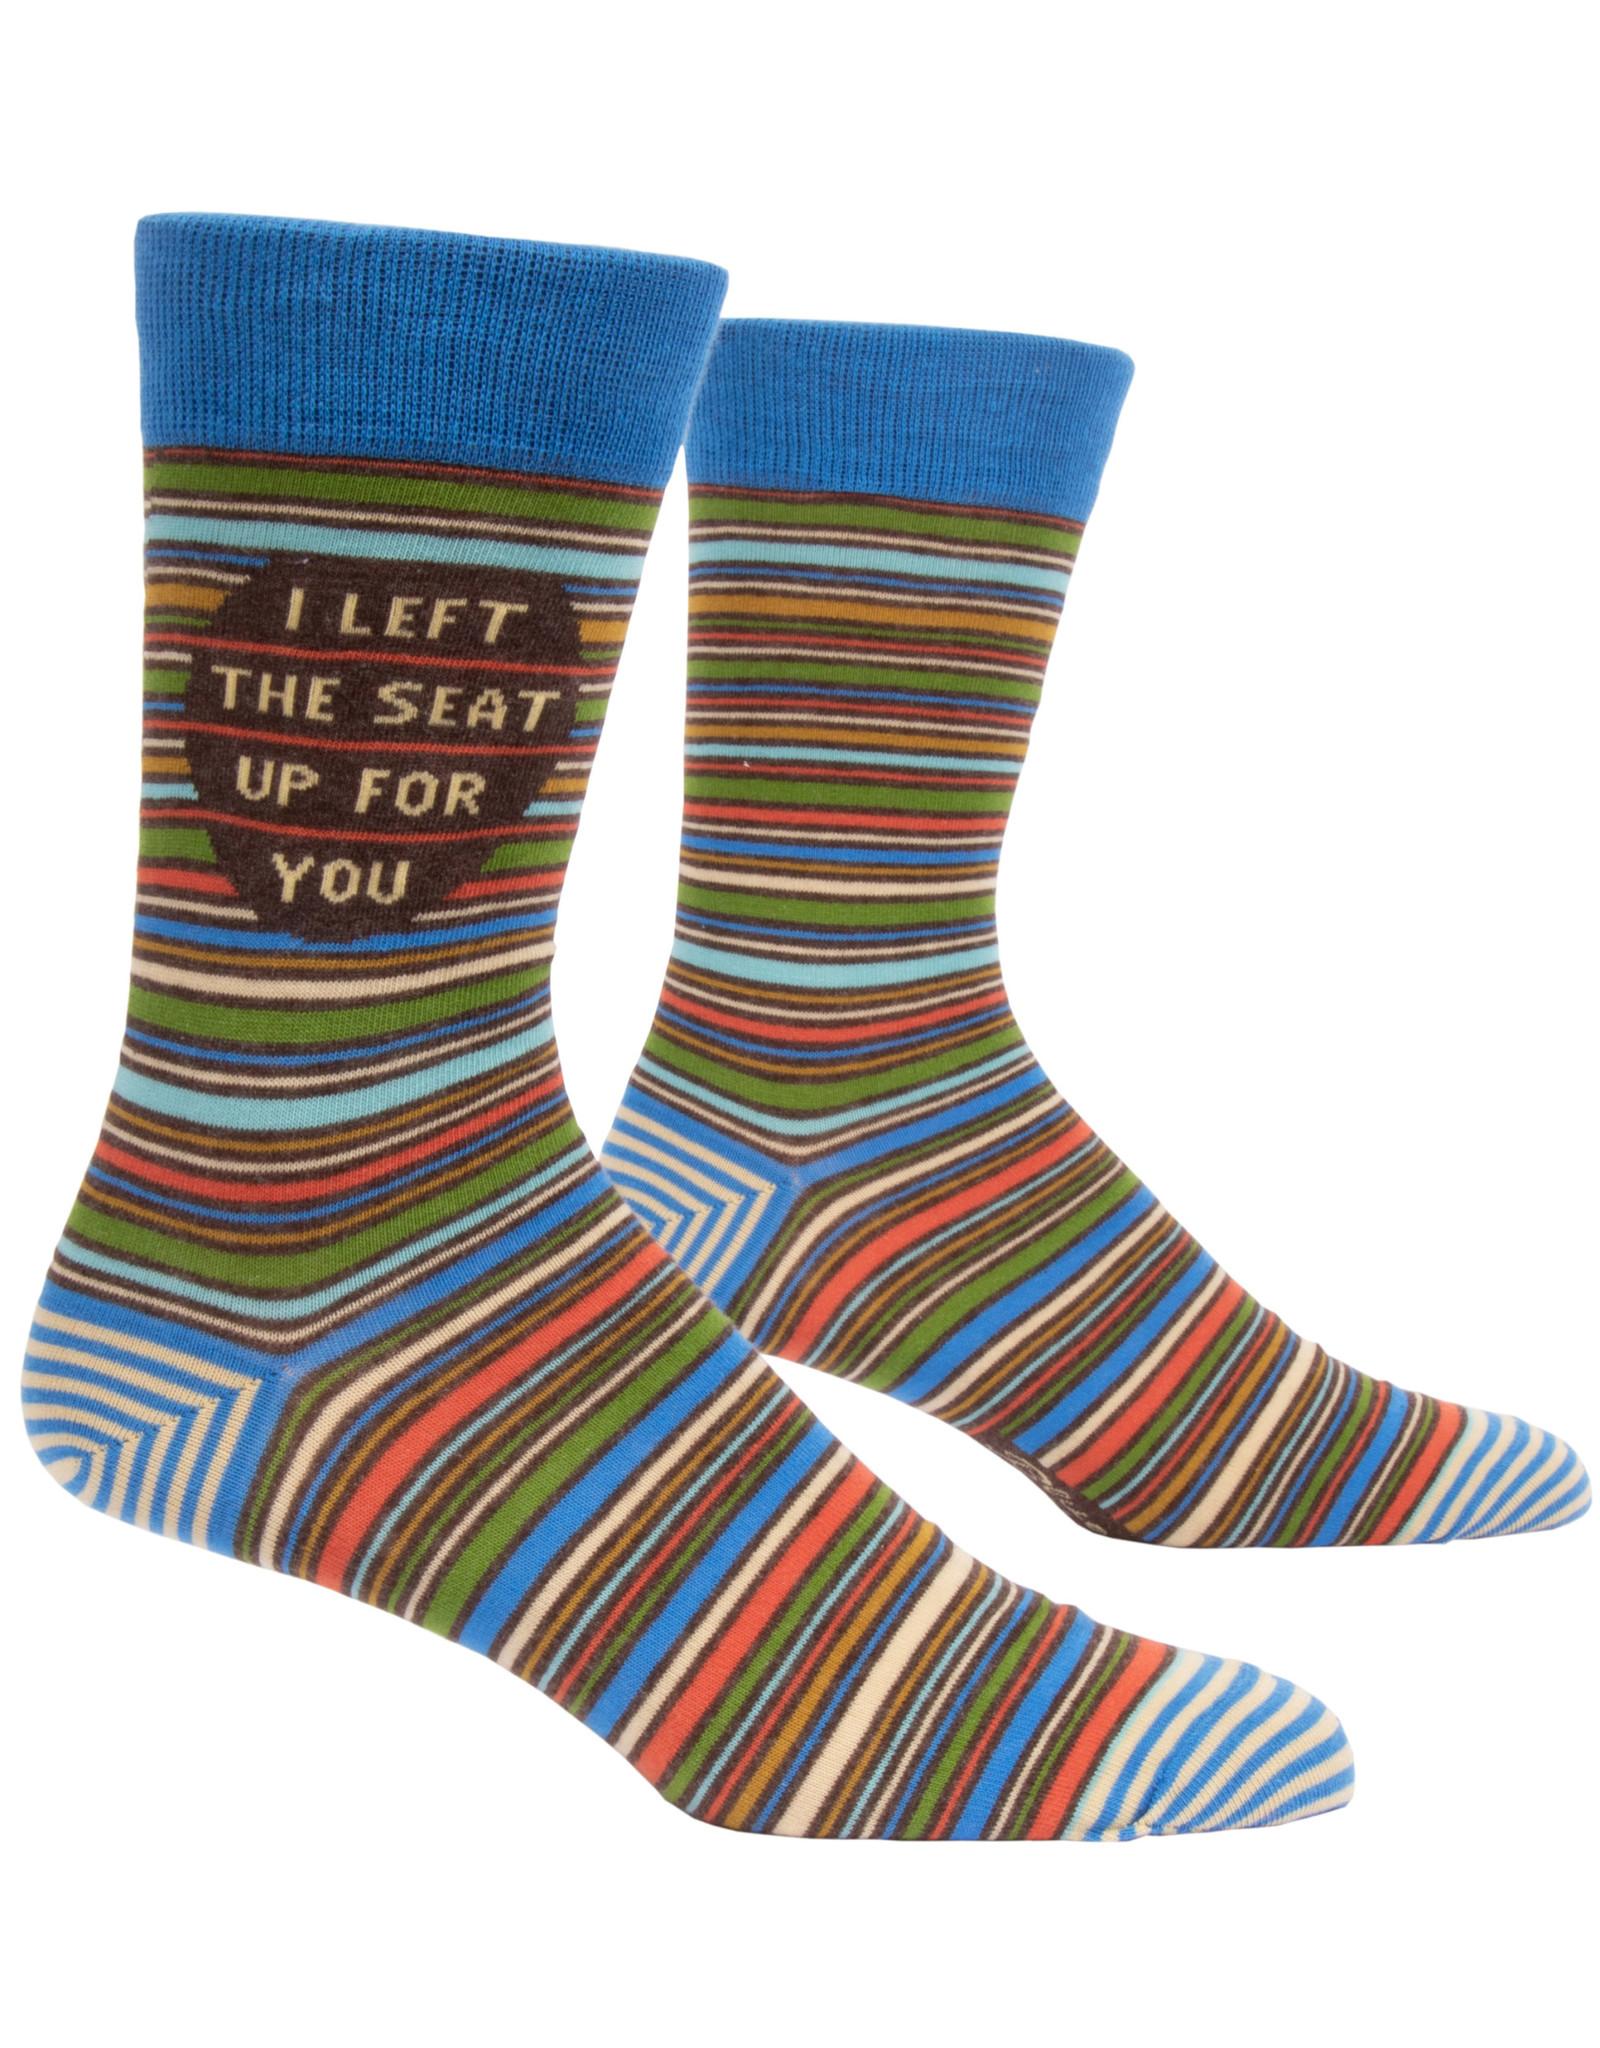 Blue Q Mens Crew Socks - I Left The Seat Up